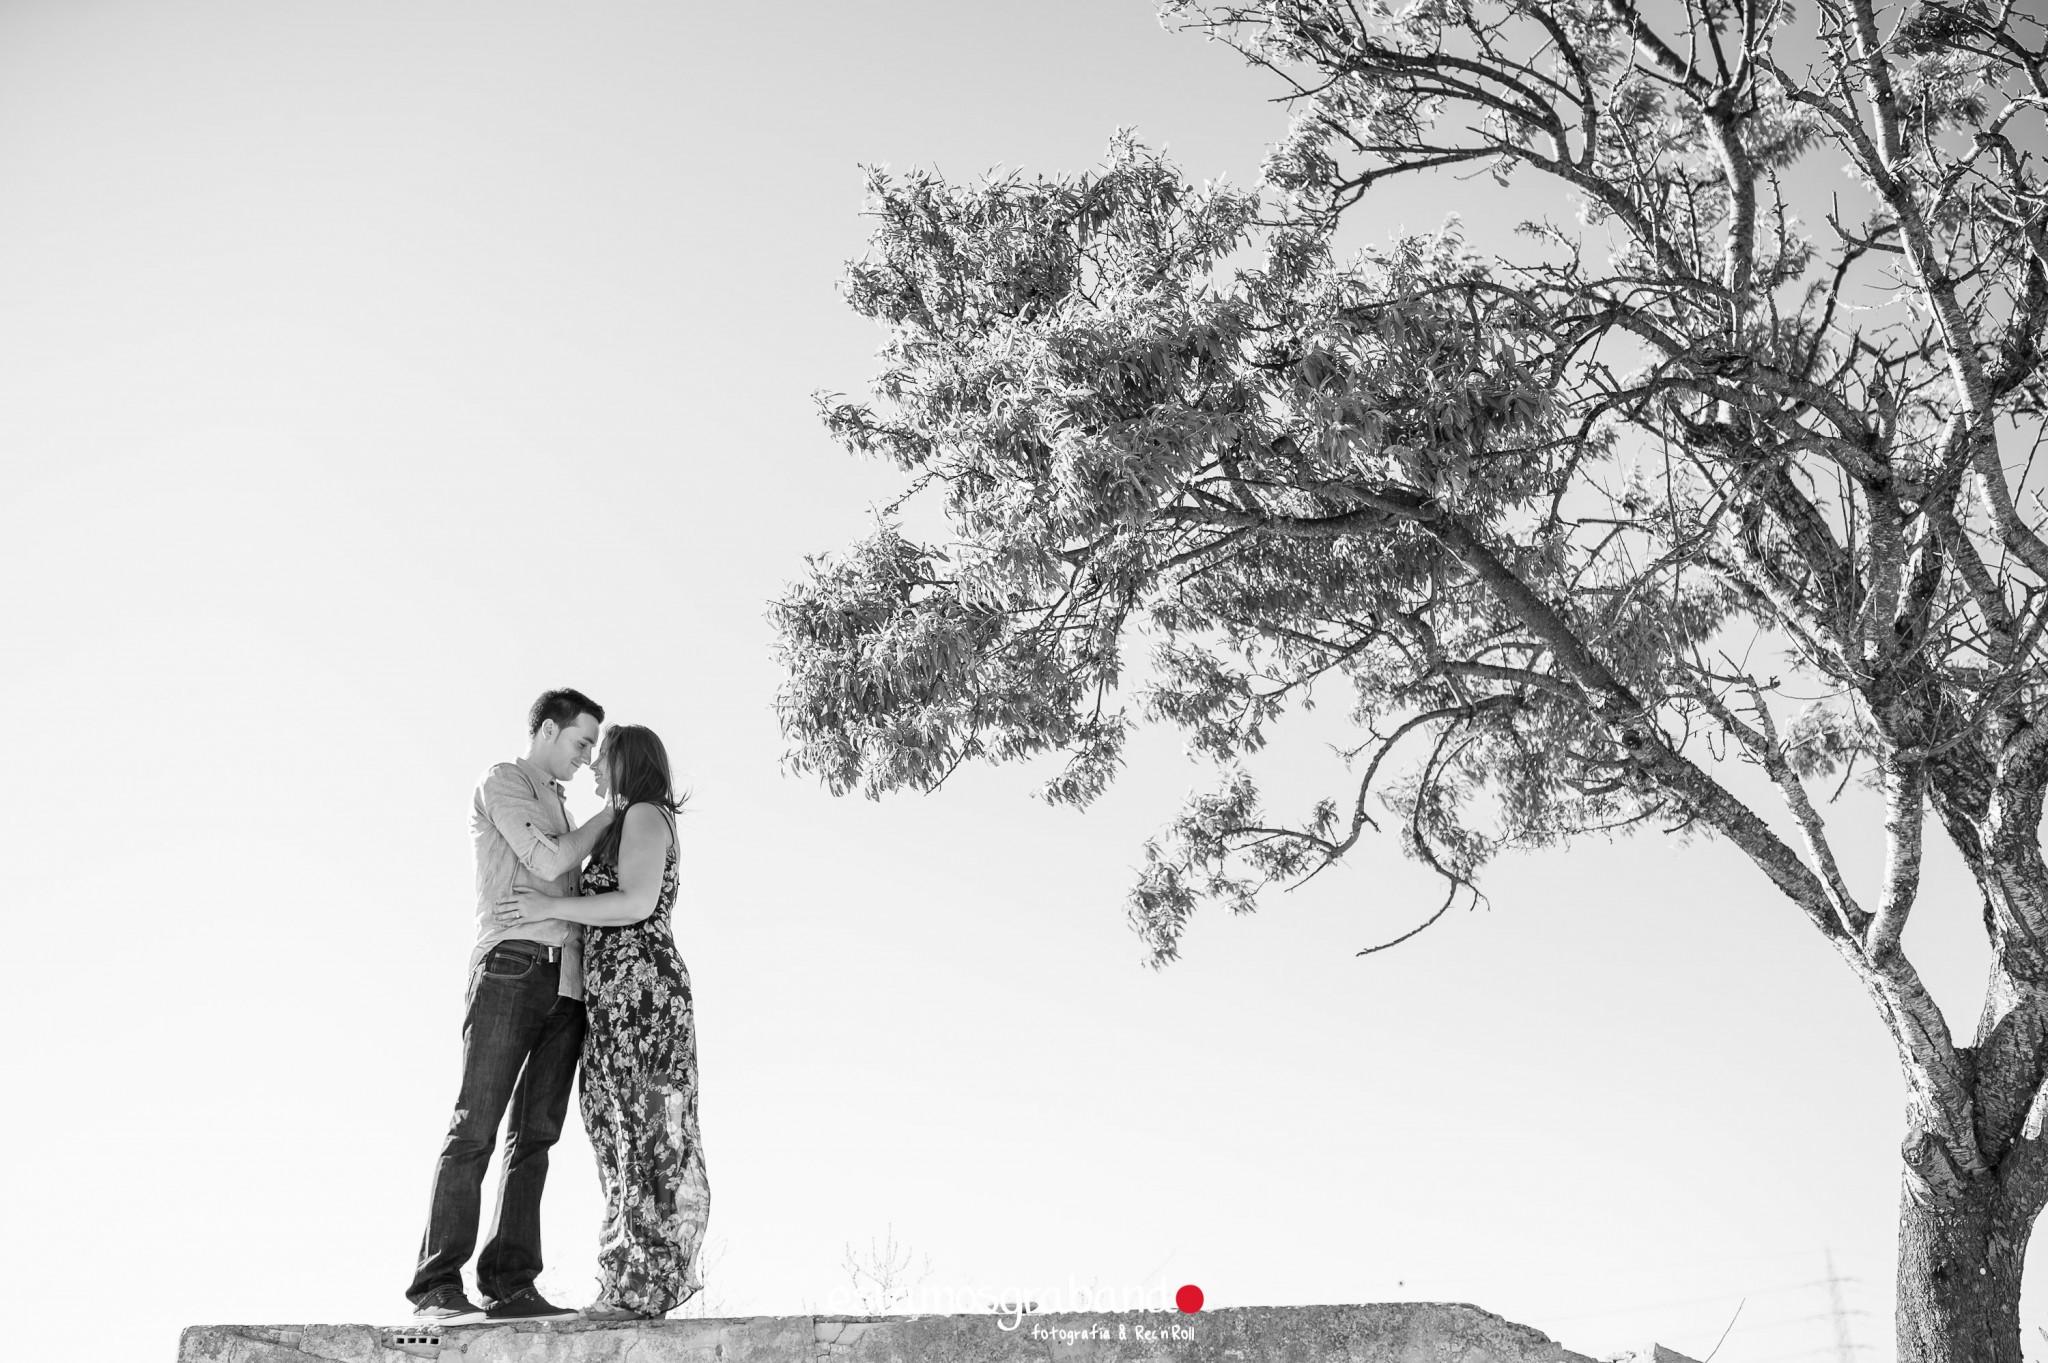 preboda-may-y-sergio-preboda-sesion-rec-and-rollera-fotos-de-pareja-e-session-fotos-boda-jerez-fotos-boda-jerez_-4 10 días [Preboda May & Sergio] - video boda cadiz